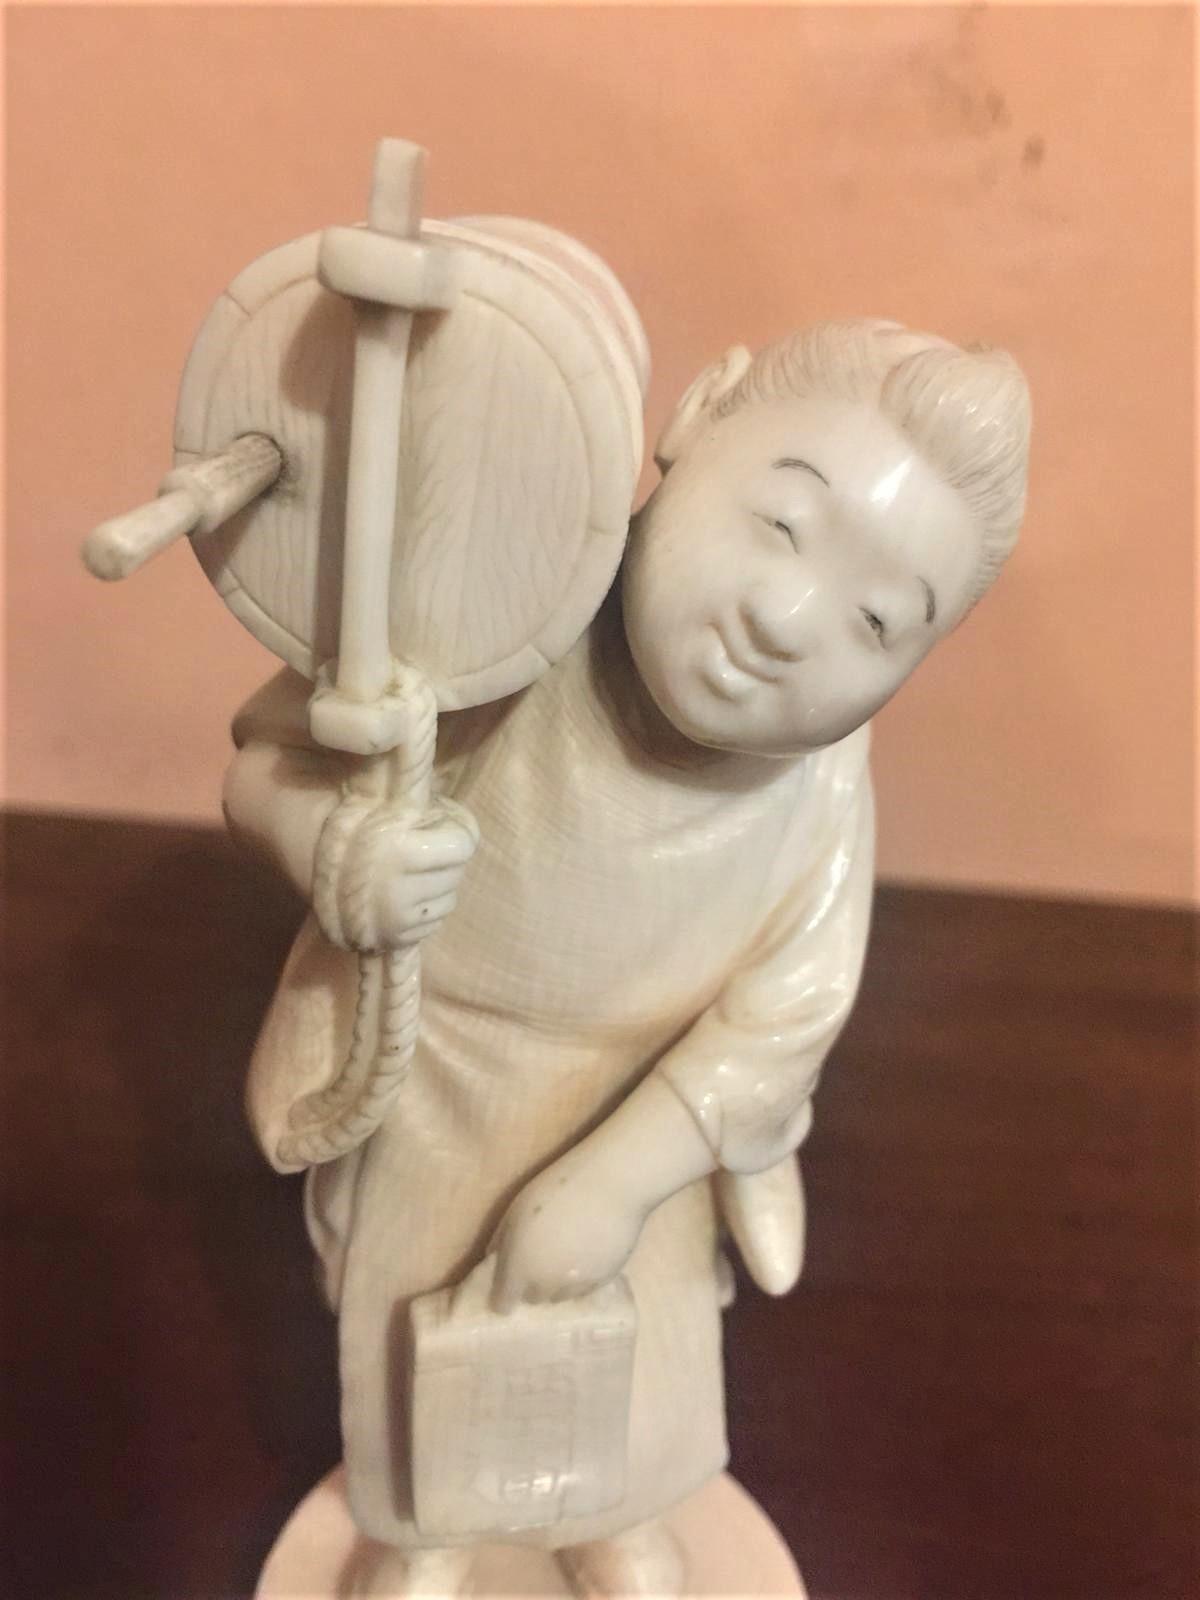 thumb2|Statuetta in avorio, contadino orientale, fine '800